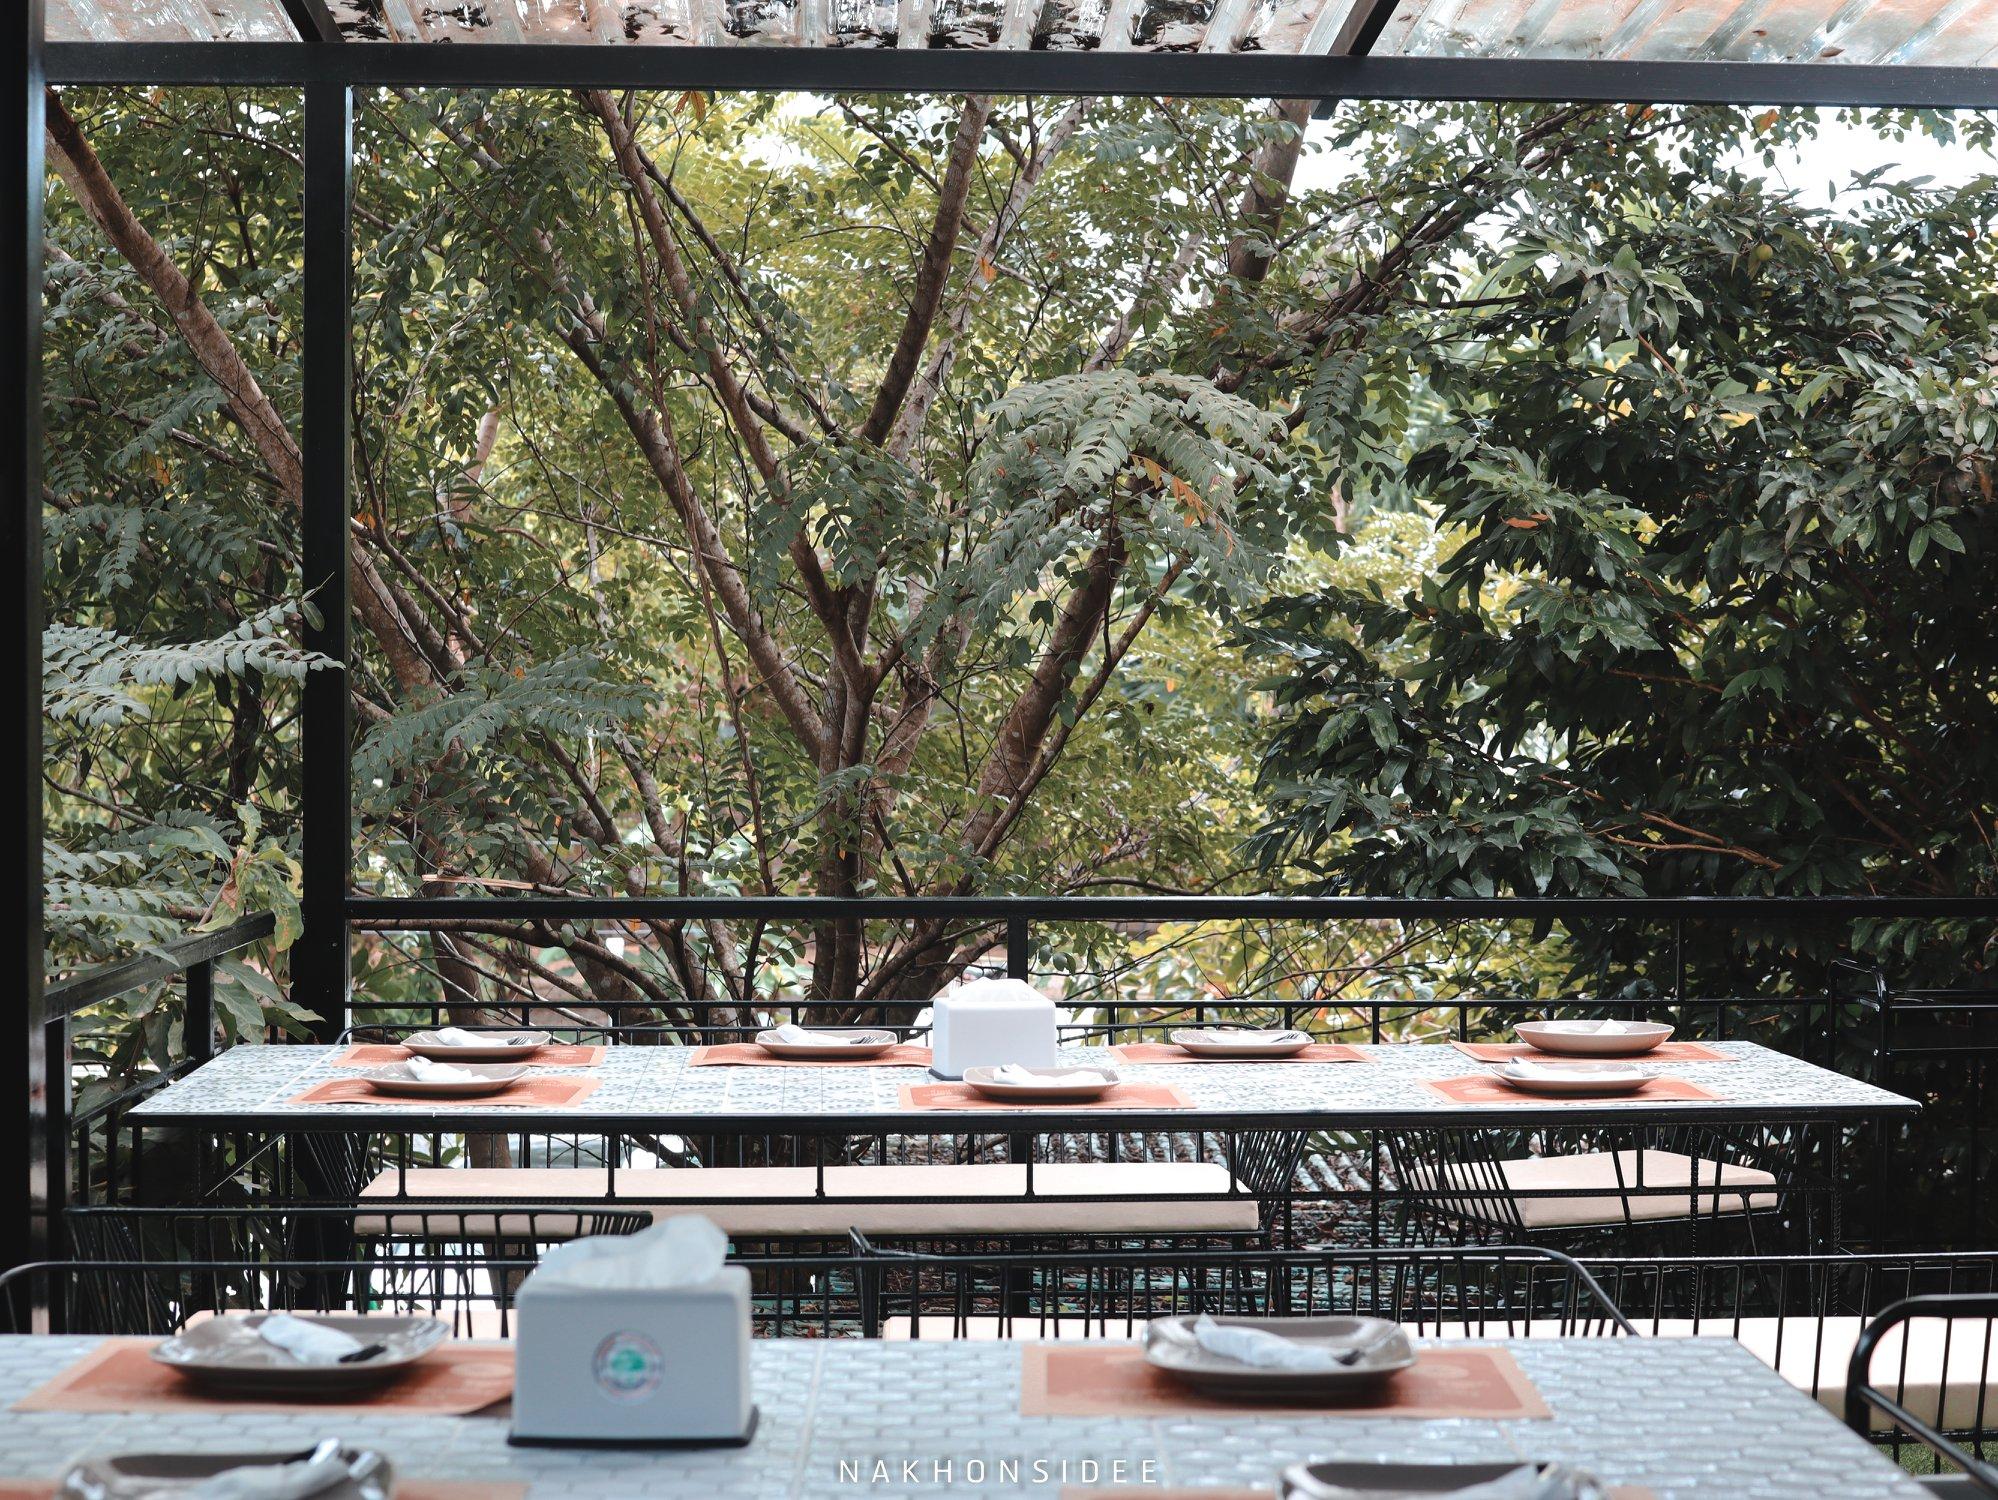 โซนนั่งชั้น-2-สบายมาก-คือดีย์ต่อใจจ  treestation,ร้านอาหาร,คาเฟ่,กลางป่า,อร่อย,ของกิน,นครศรีธรรมราช